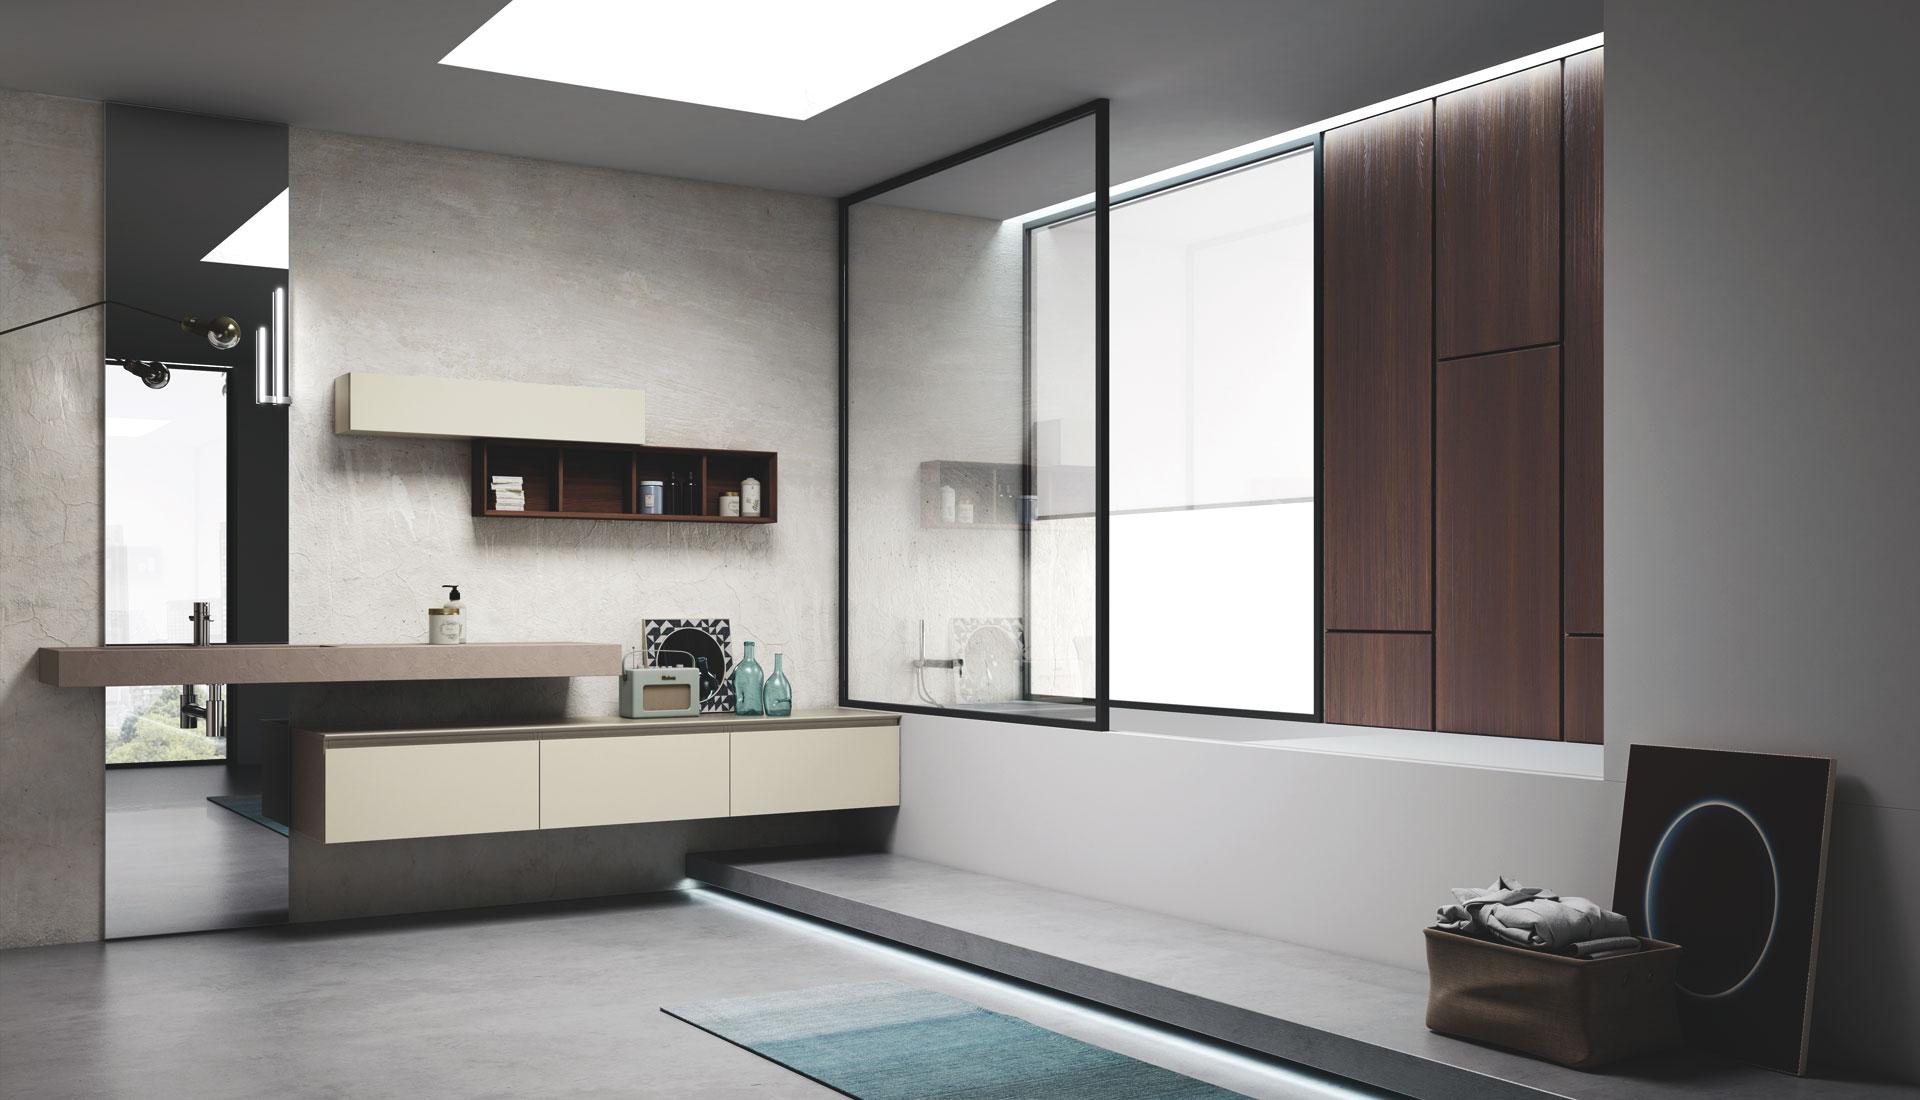 Arredo bagno senza maniglia con gola puntotre arredobagno - Arredo bagno design ...